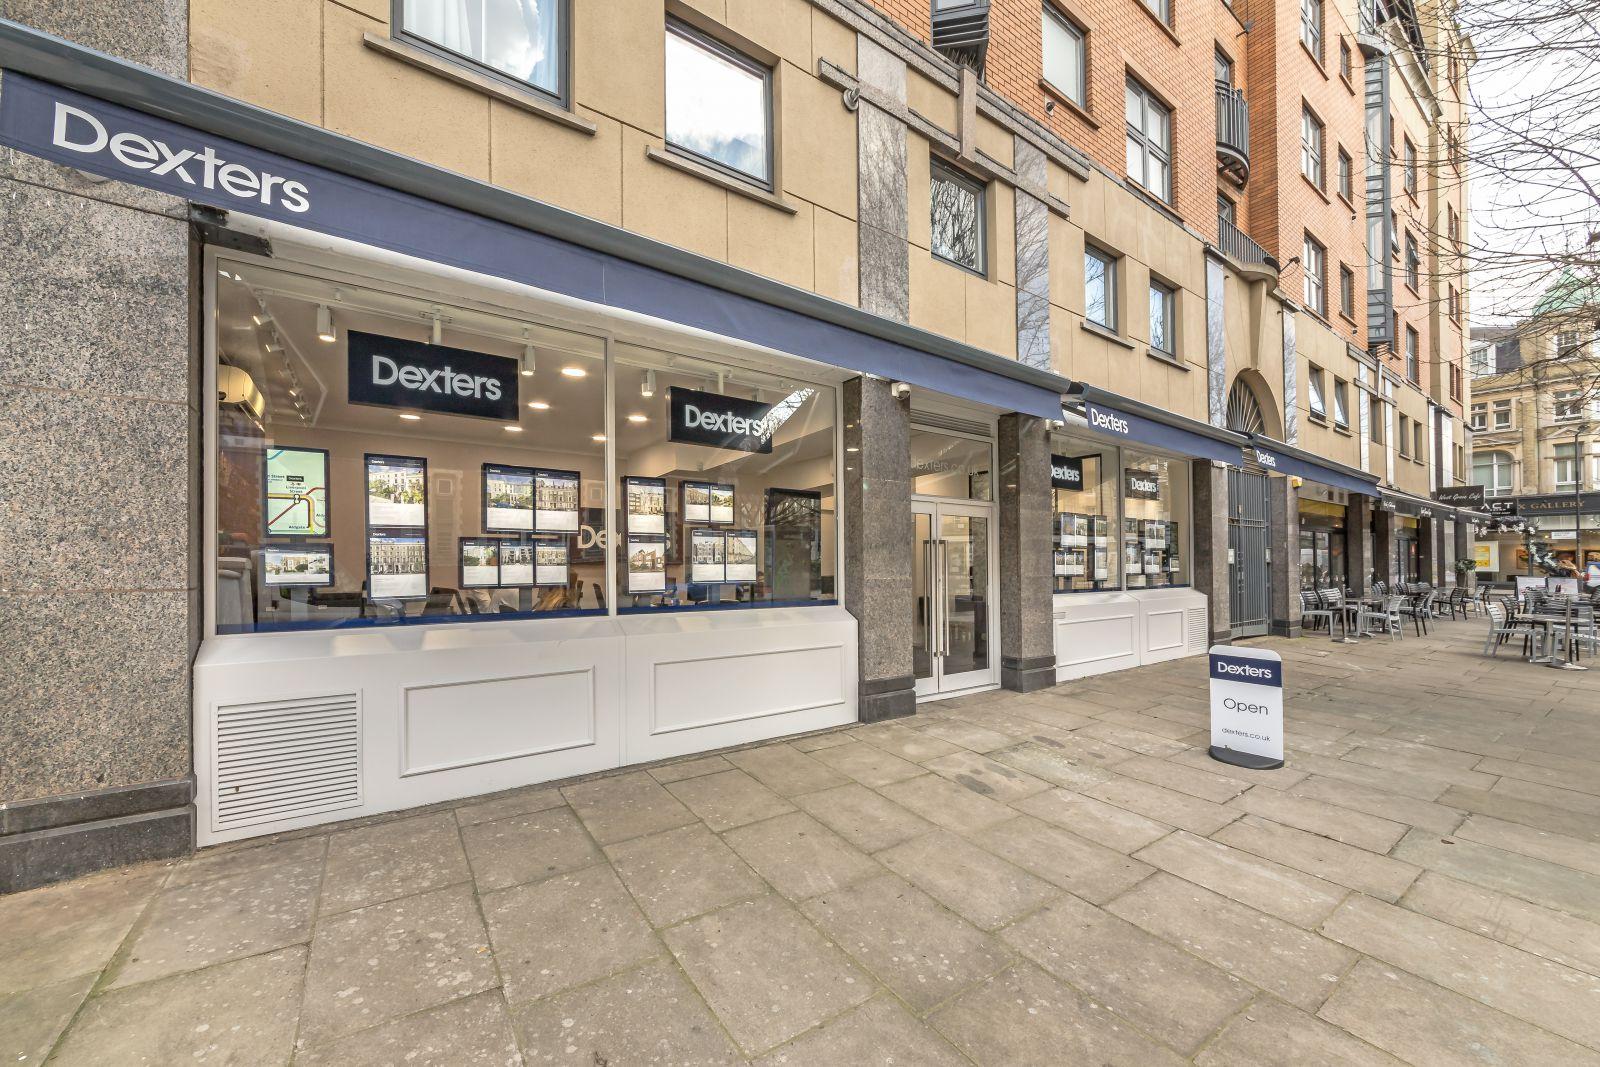 Dexters Westbourne Grove Estate Agents - London, London W11 2RR - 020 7313 3600 | ShowMeLocal.com